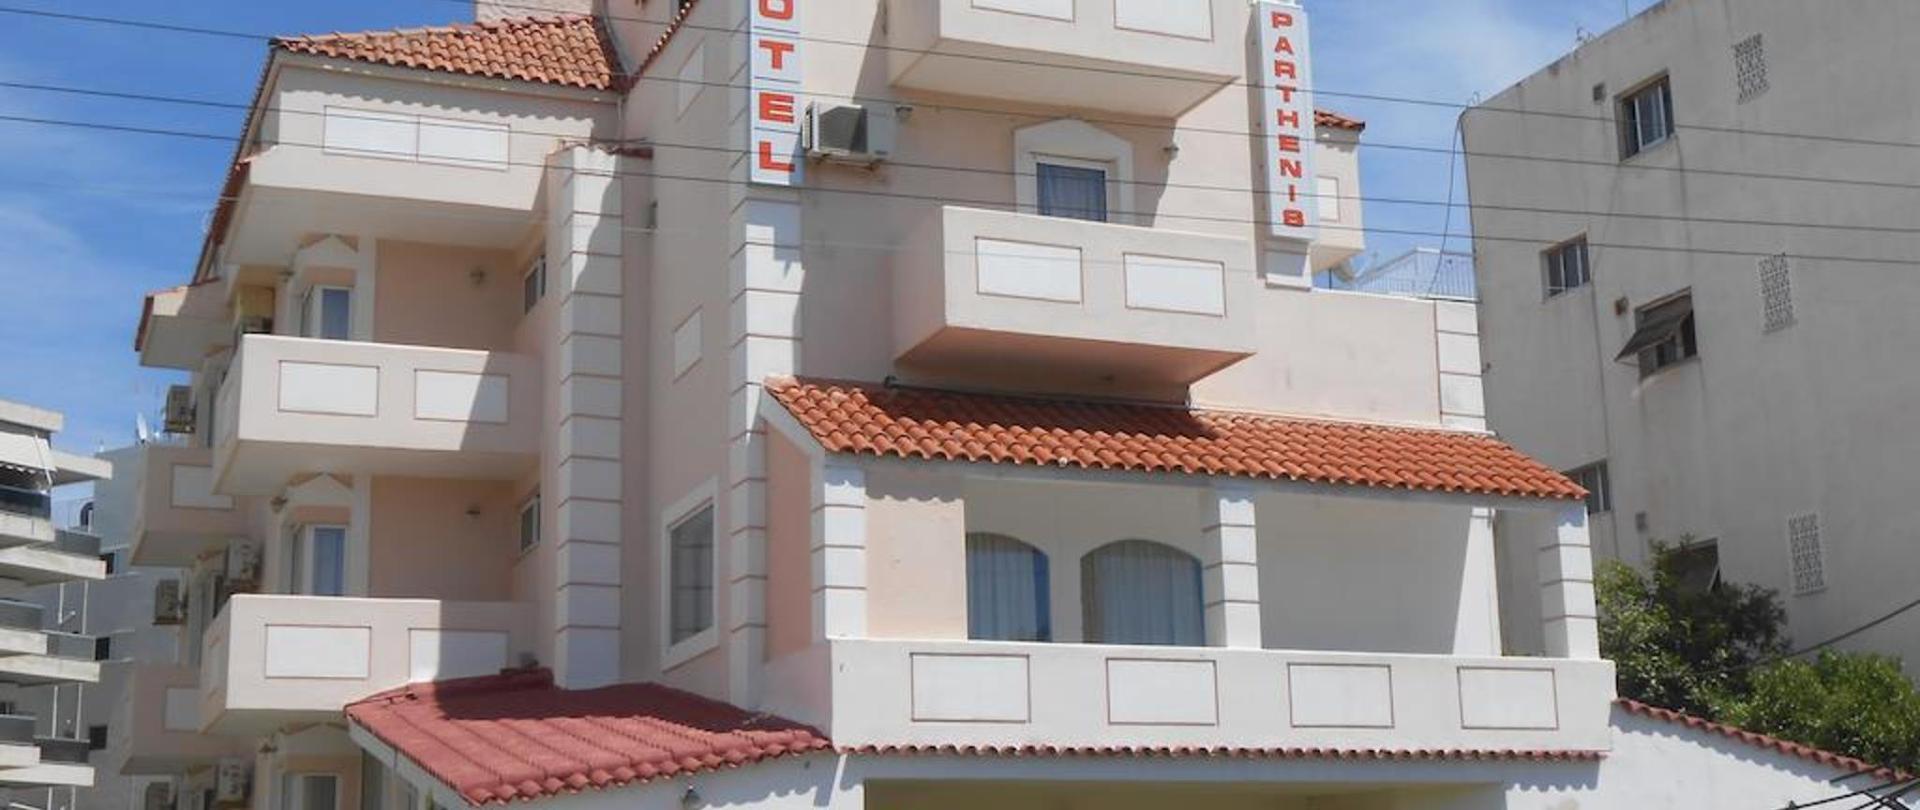 092f5c8c0c Επίσημη Ιστοσελίδα Parthenis Riviera Hotel